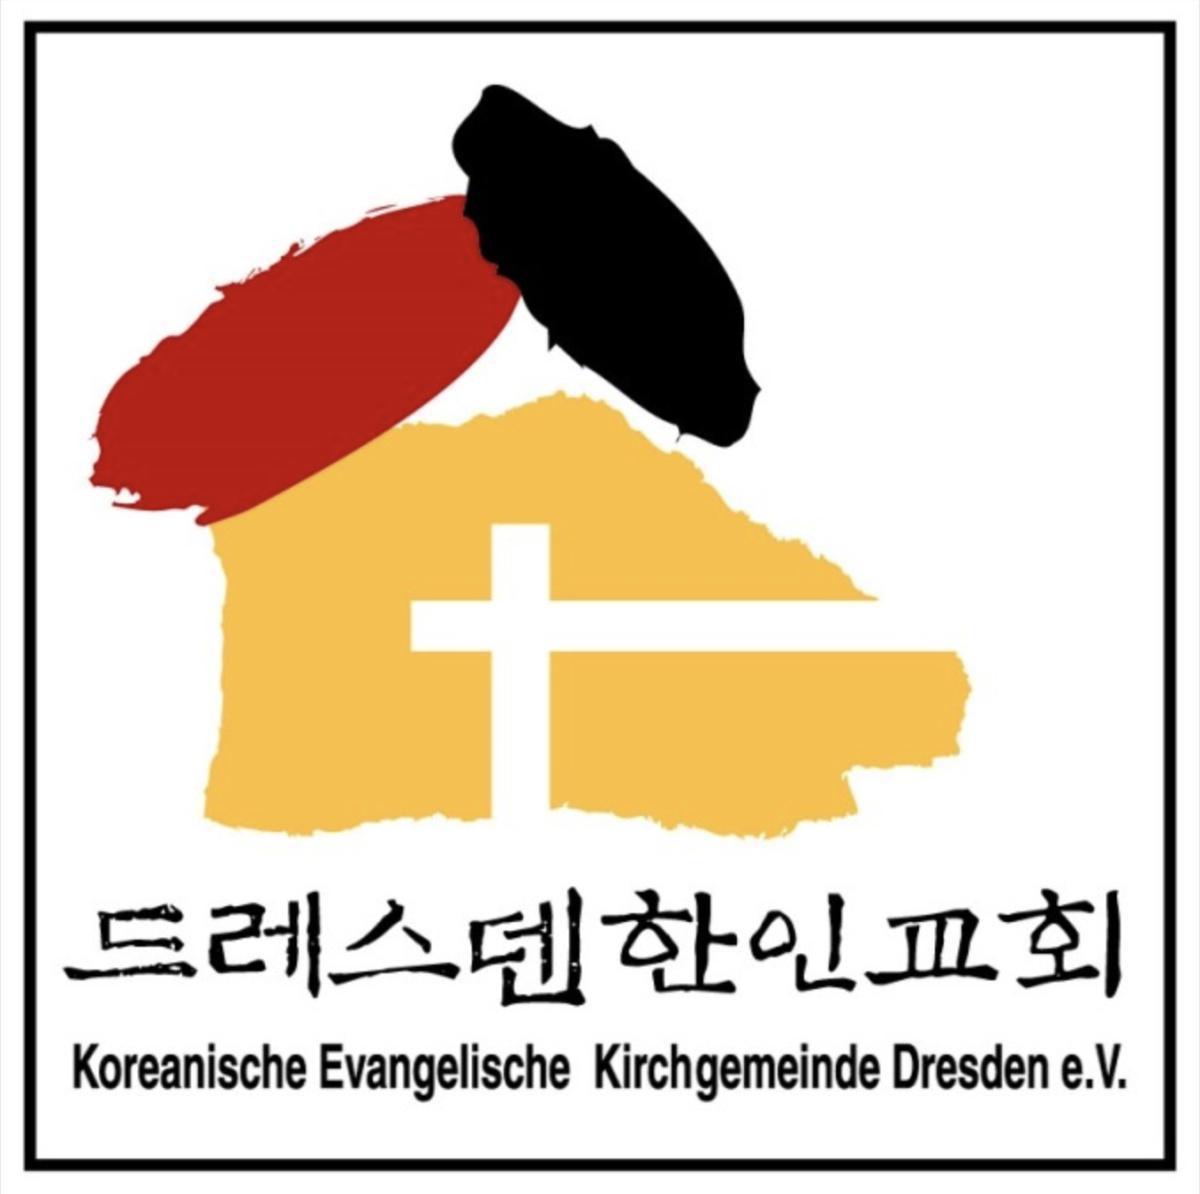 교회의 로고와 심볼 소개